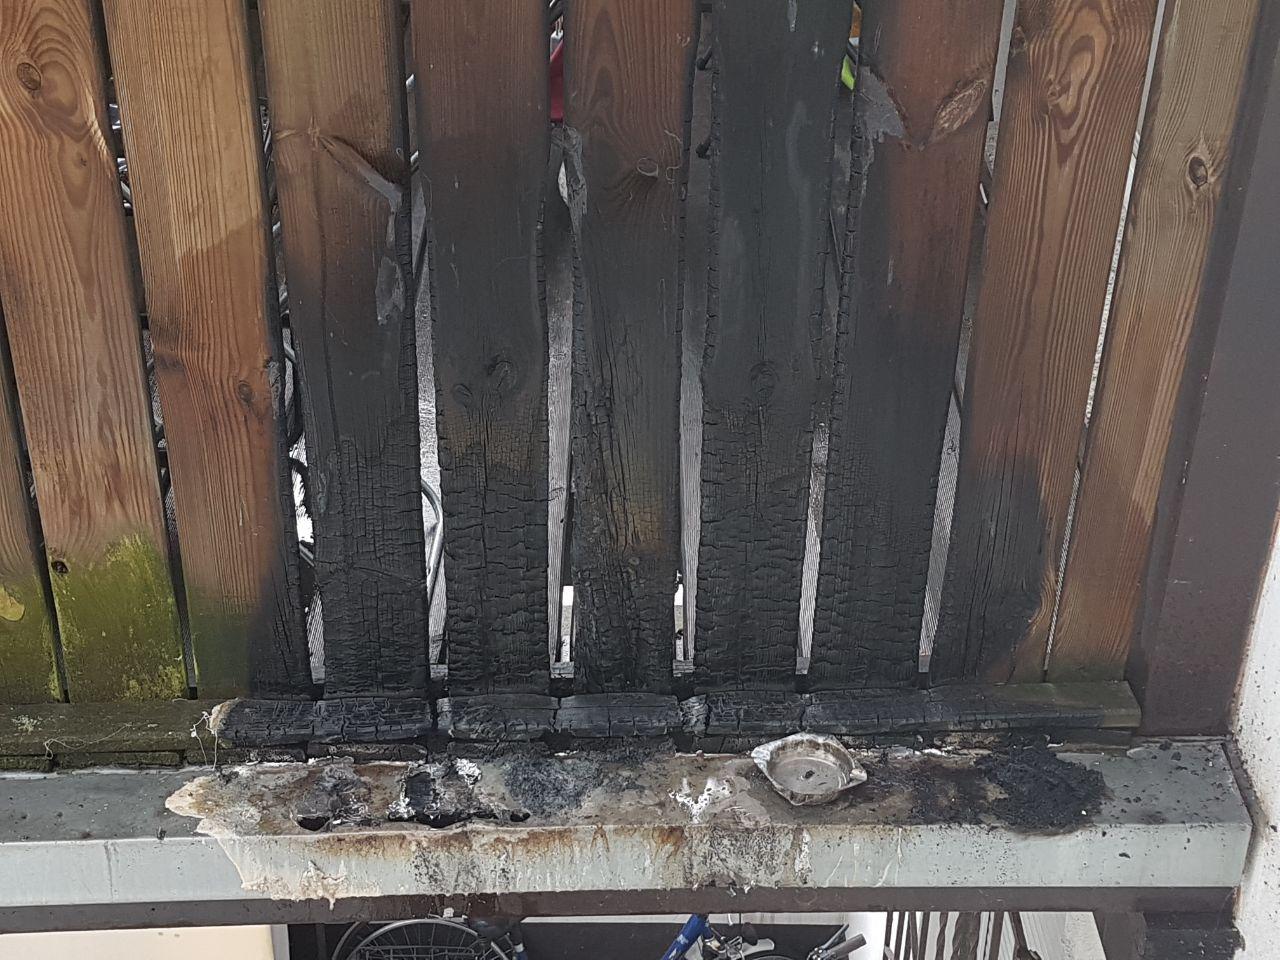 Wohnungsbrand vom 10.07.2017  |  (C) Freiwillige Feuerwehr Fischeln (2017)